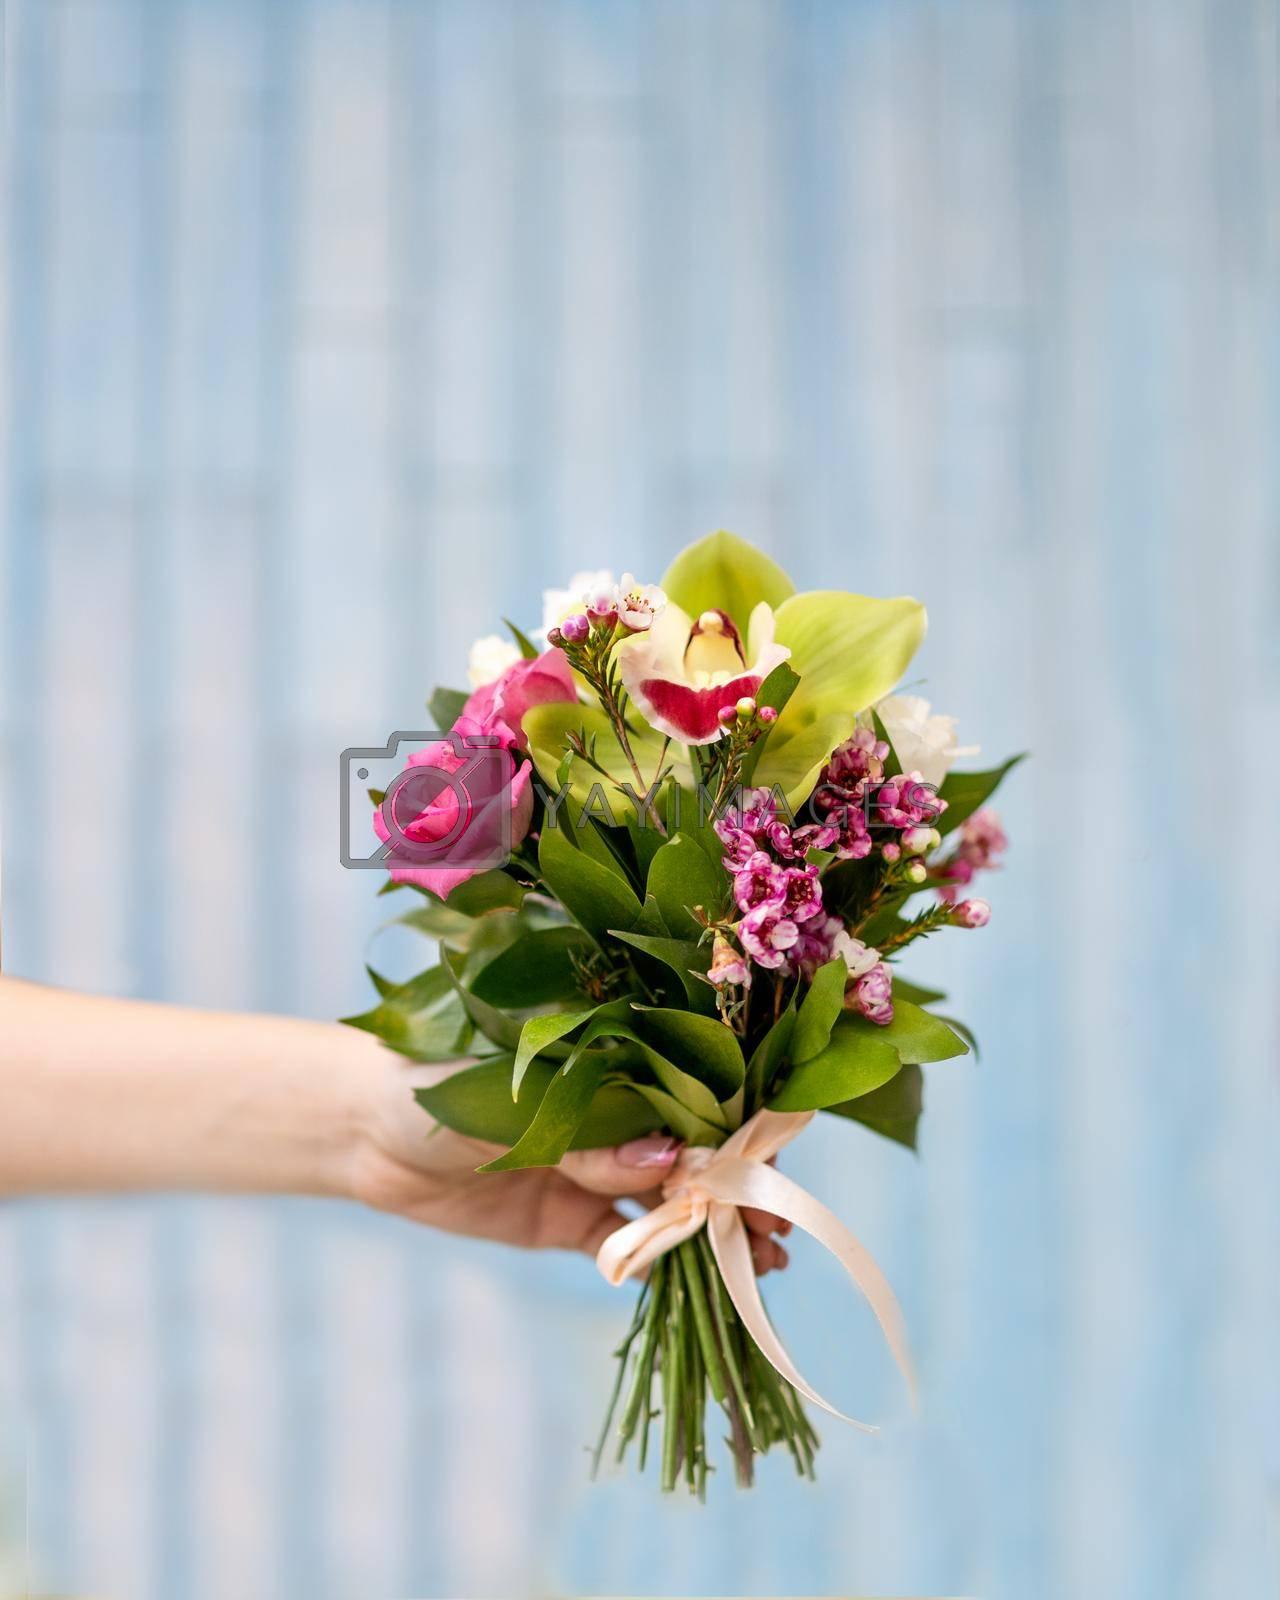 Pink flower bouquet close up